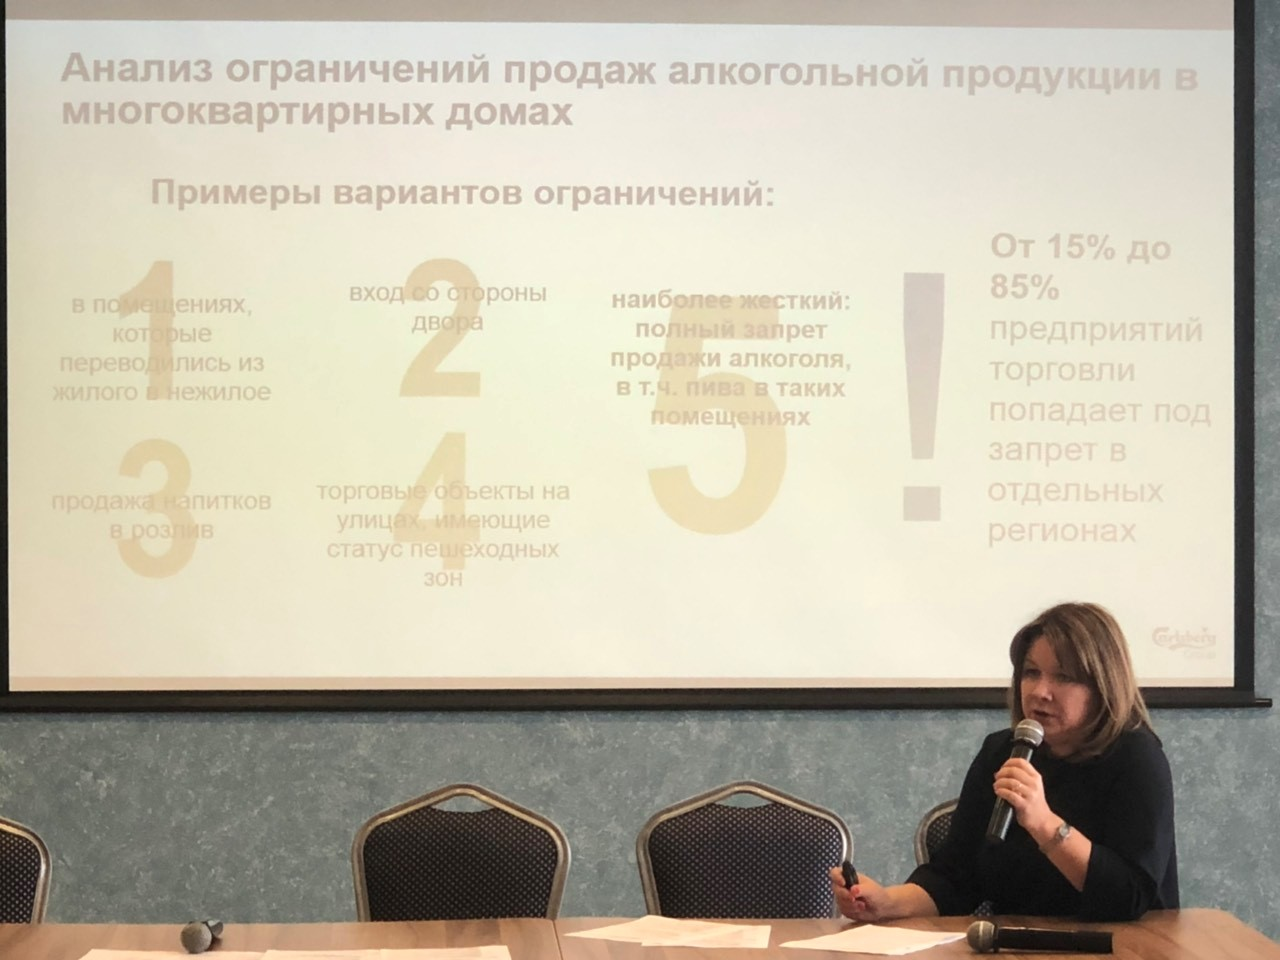 Светлана Воронина рассказала о мерах повышения прозрачности пивоваренного рынка